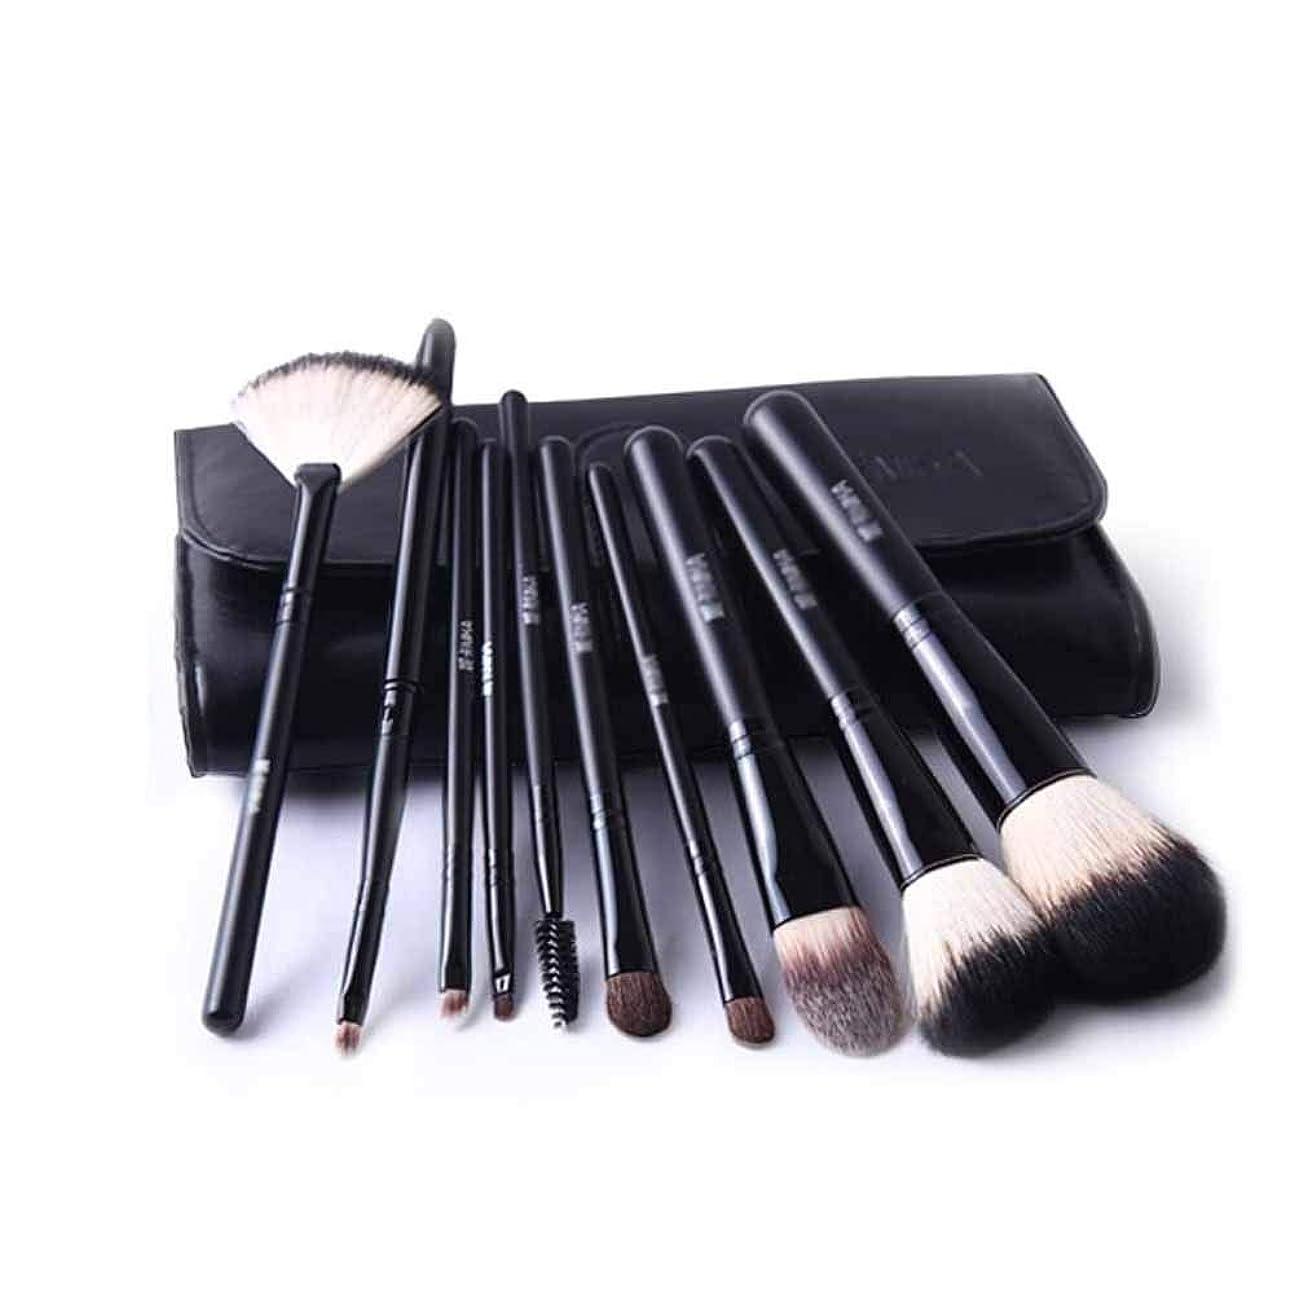 症候群鎖シンクQiyuezhuangshi001 化粧ブラシ、10個の化粧ブラシセット、プロの化粧と初心者用化粧ツール、高品質の動物の毛、柔らかく快適,人間工学に基づいたデザイン (Color : Black, Quantity : 10)